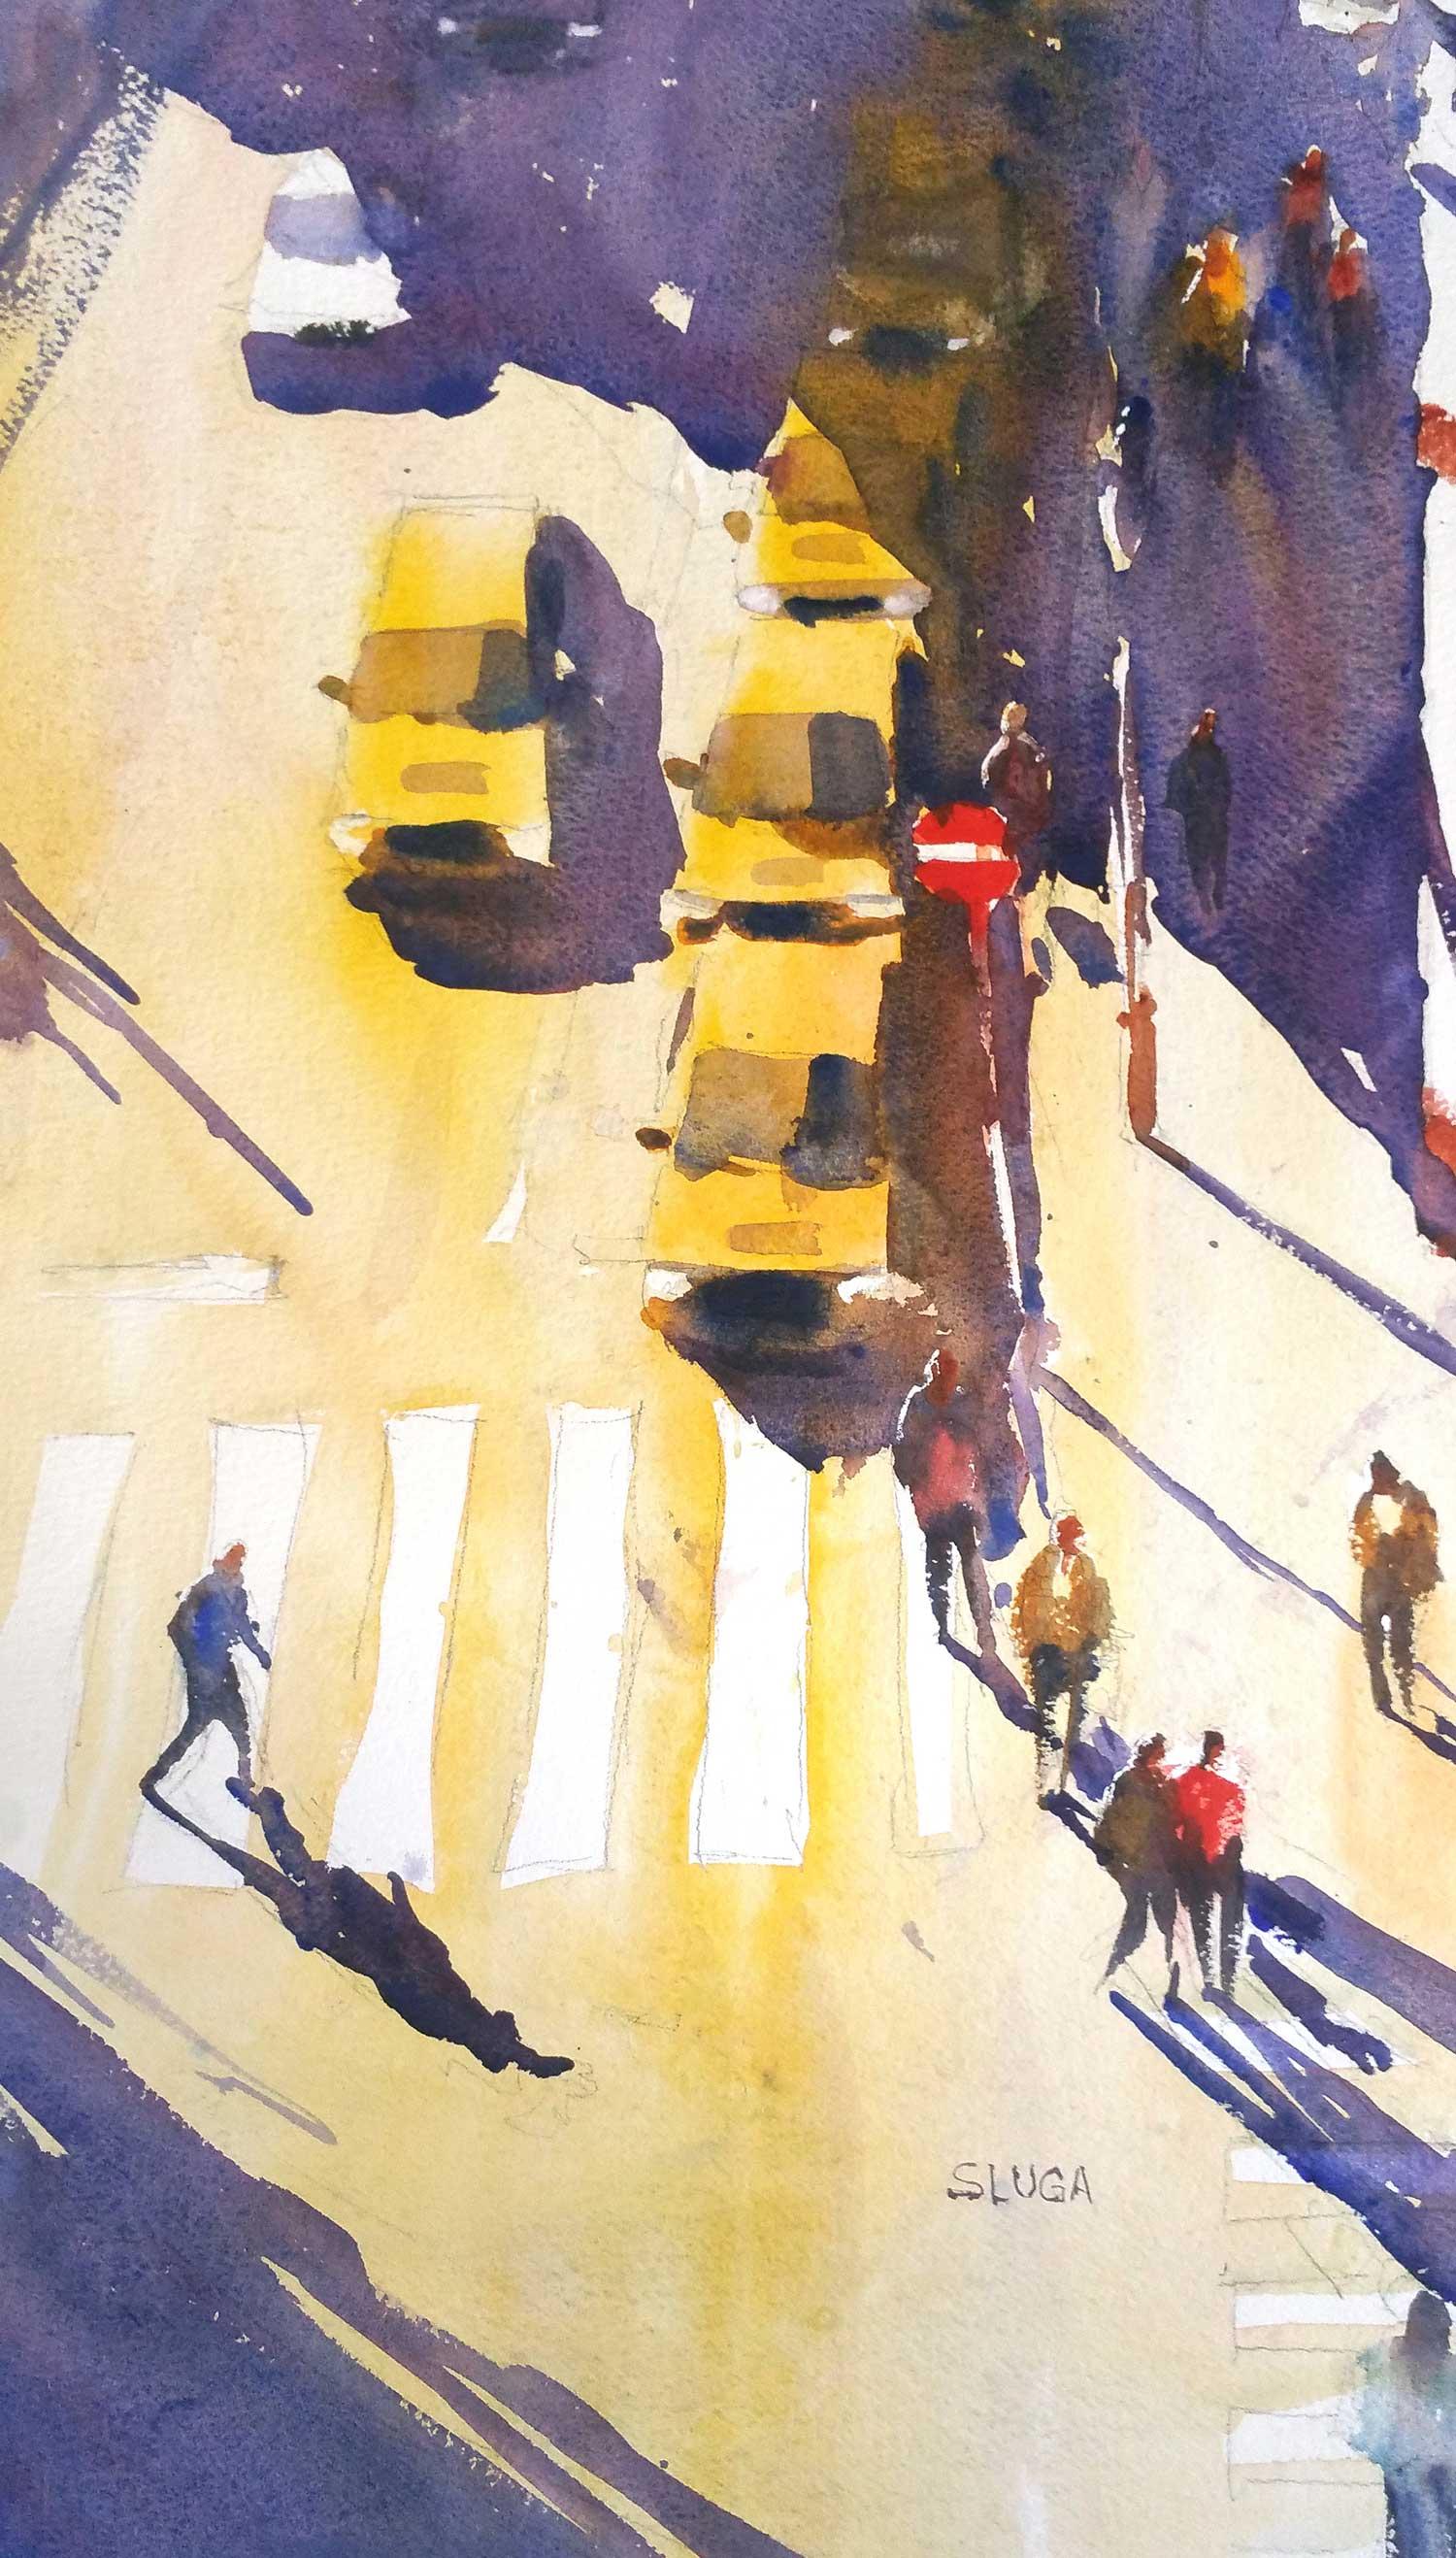 Prague Taxis 23 x 45 cm